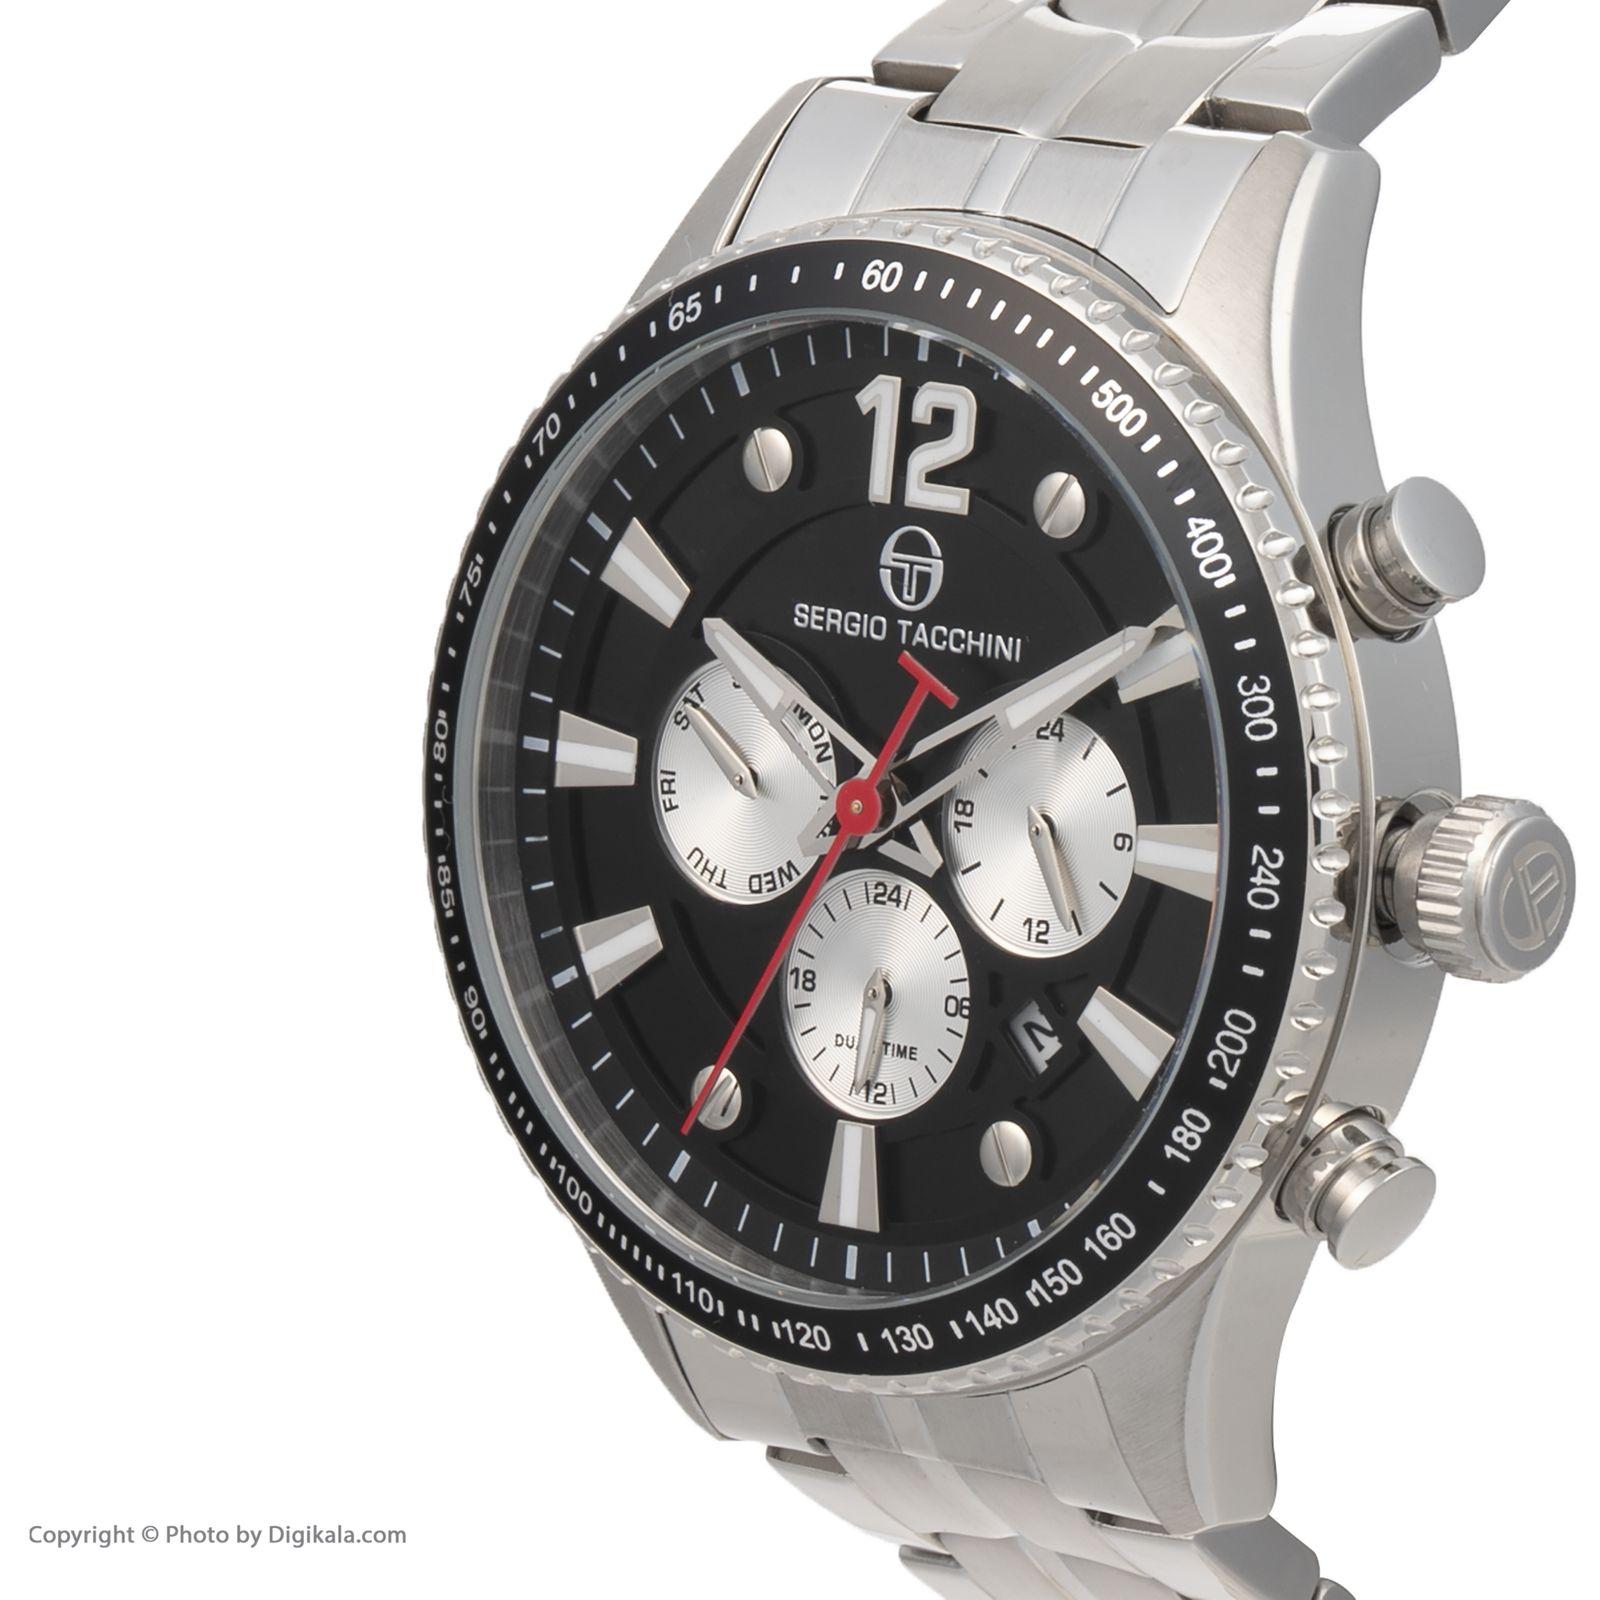 ساعت مچی عقربه ای مردانه سرجیو تاچینی مدل ST.19.102.04 -  - 3